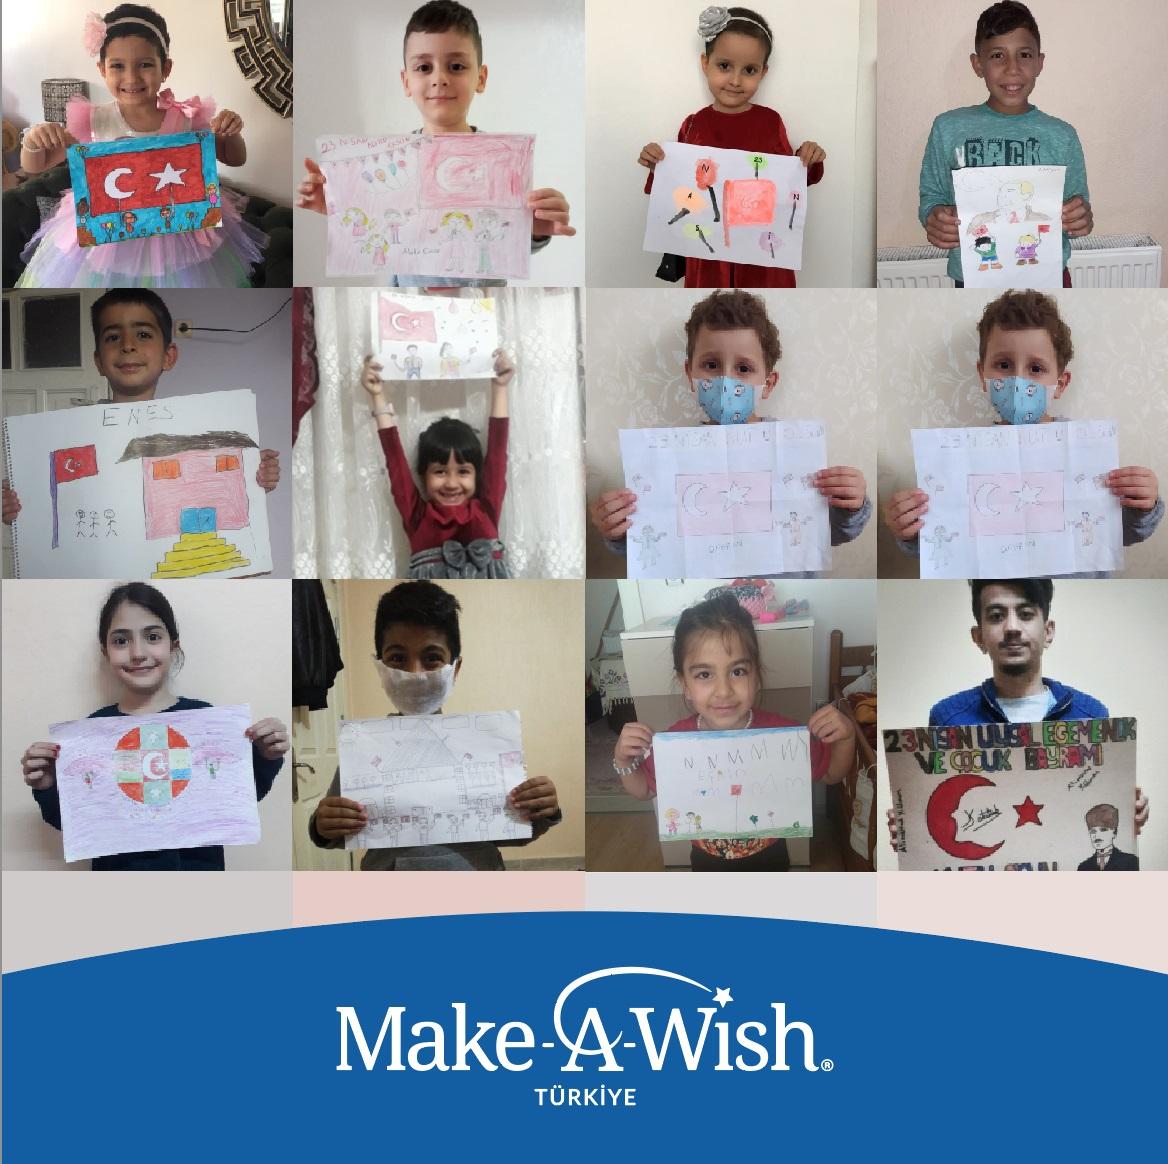 23 Nisan Ulusal Egemenlik ve Çocuk Bayramı'nın 100. yılında dilek çocukları için instagram hesabı üzerinden birçok etkinlik düzenlendi